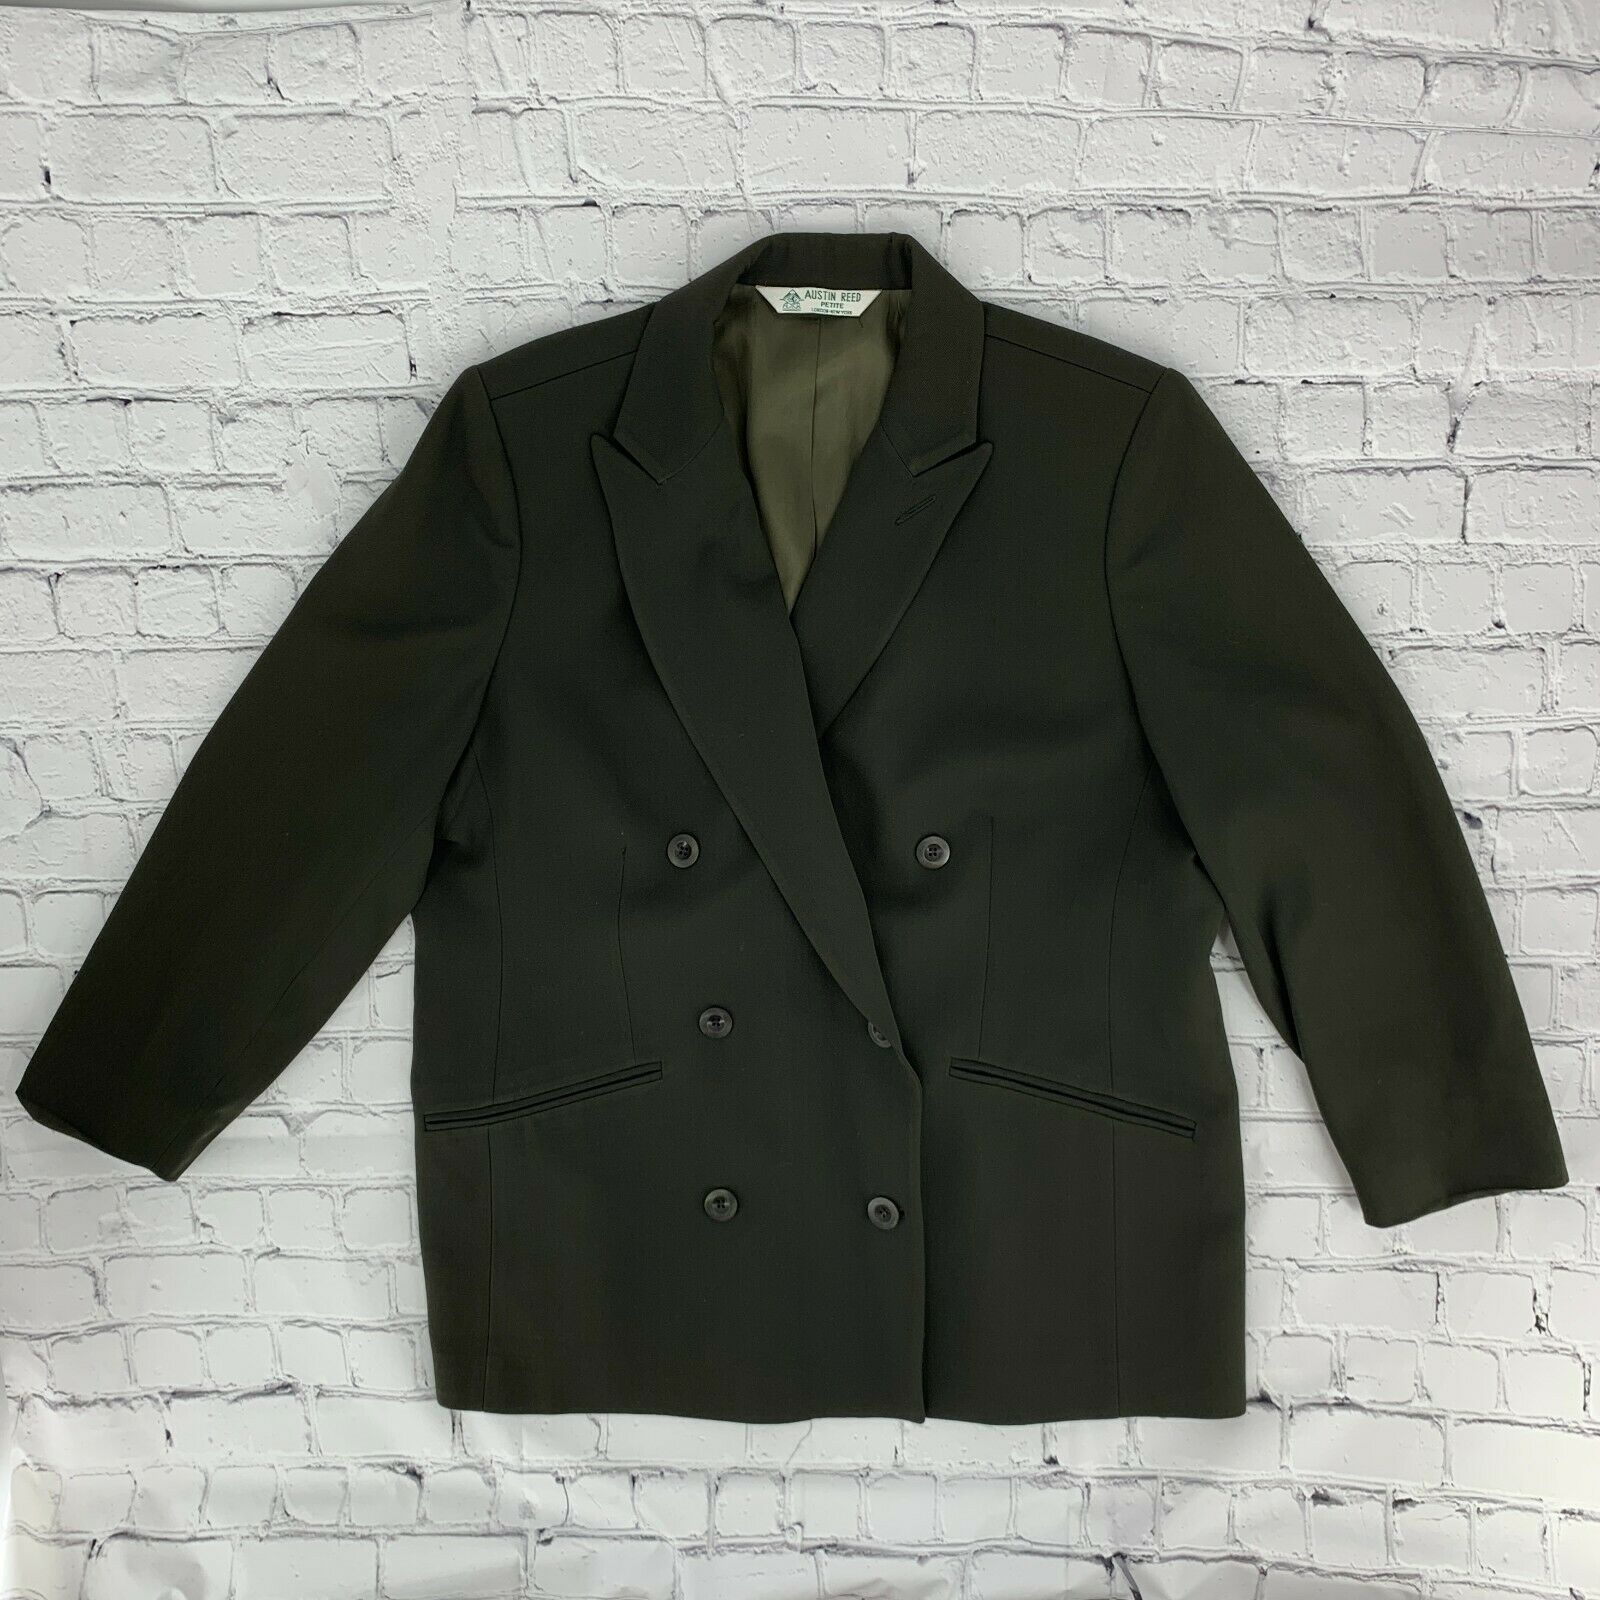 Kupit Austin Reed Womens Suit Jacket Blazer Size 18wp Na Aukcion Iz Ameriki S Dostavkoj V Rossiyu Ukrainu Kazahstan